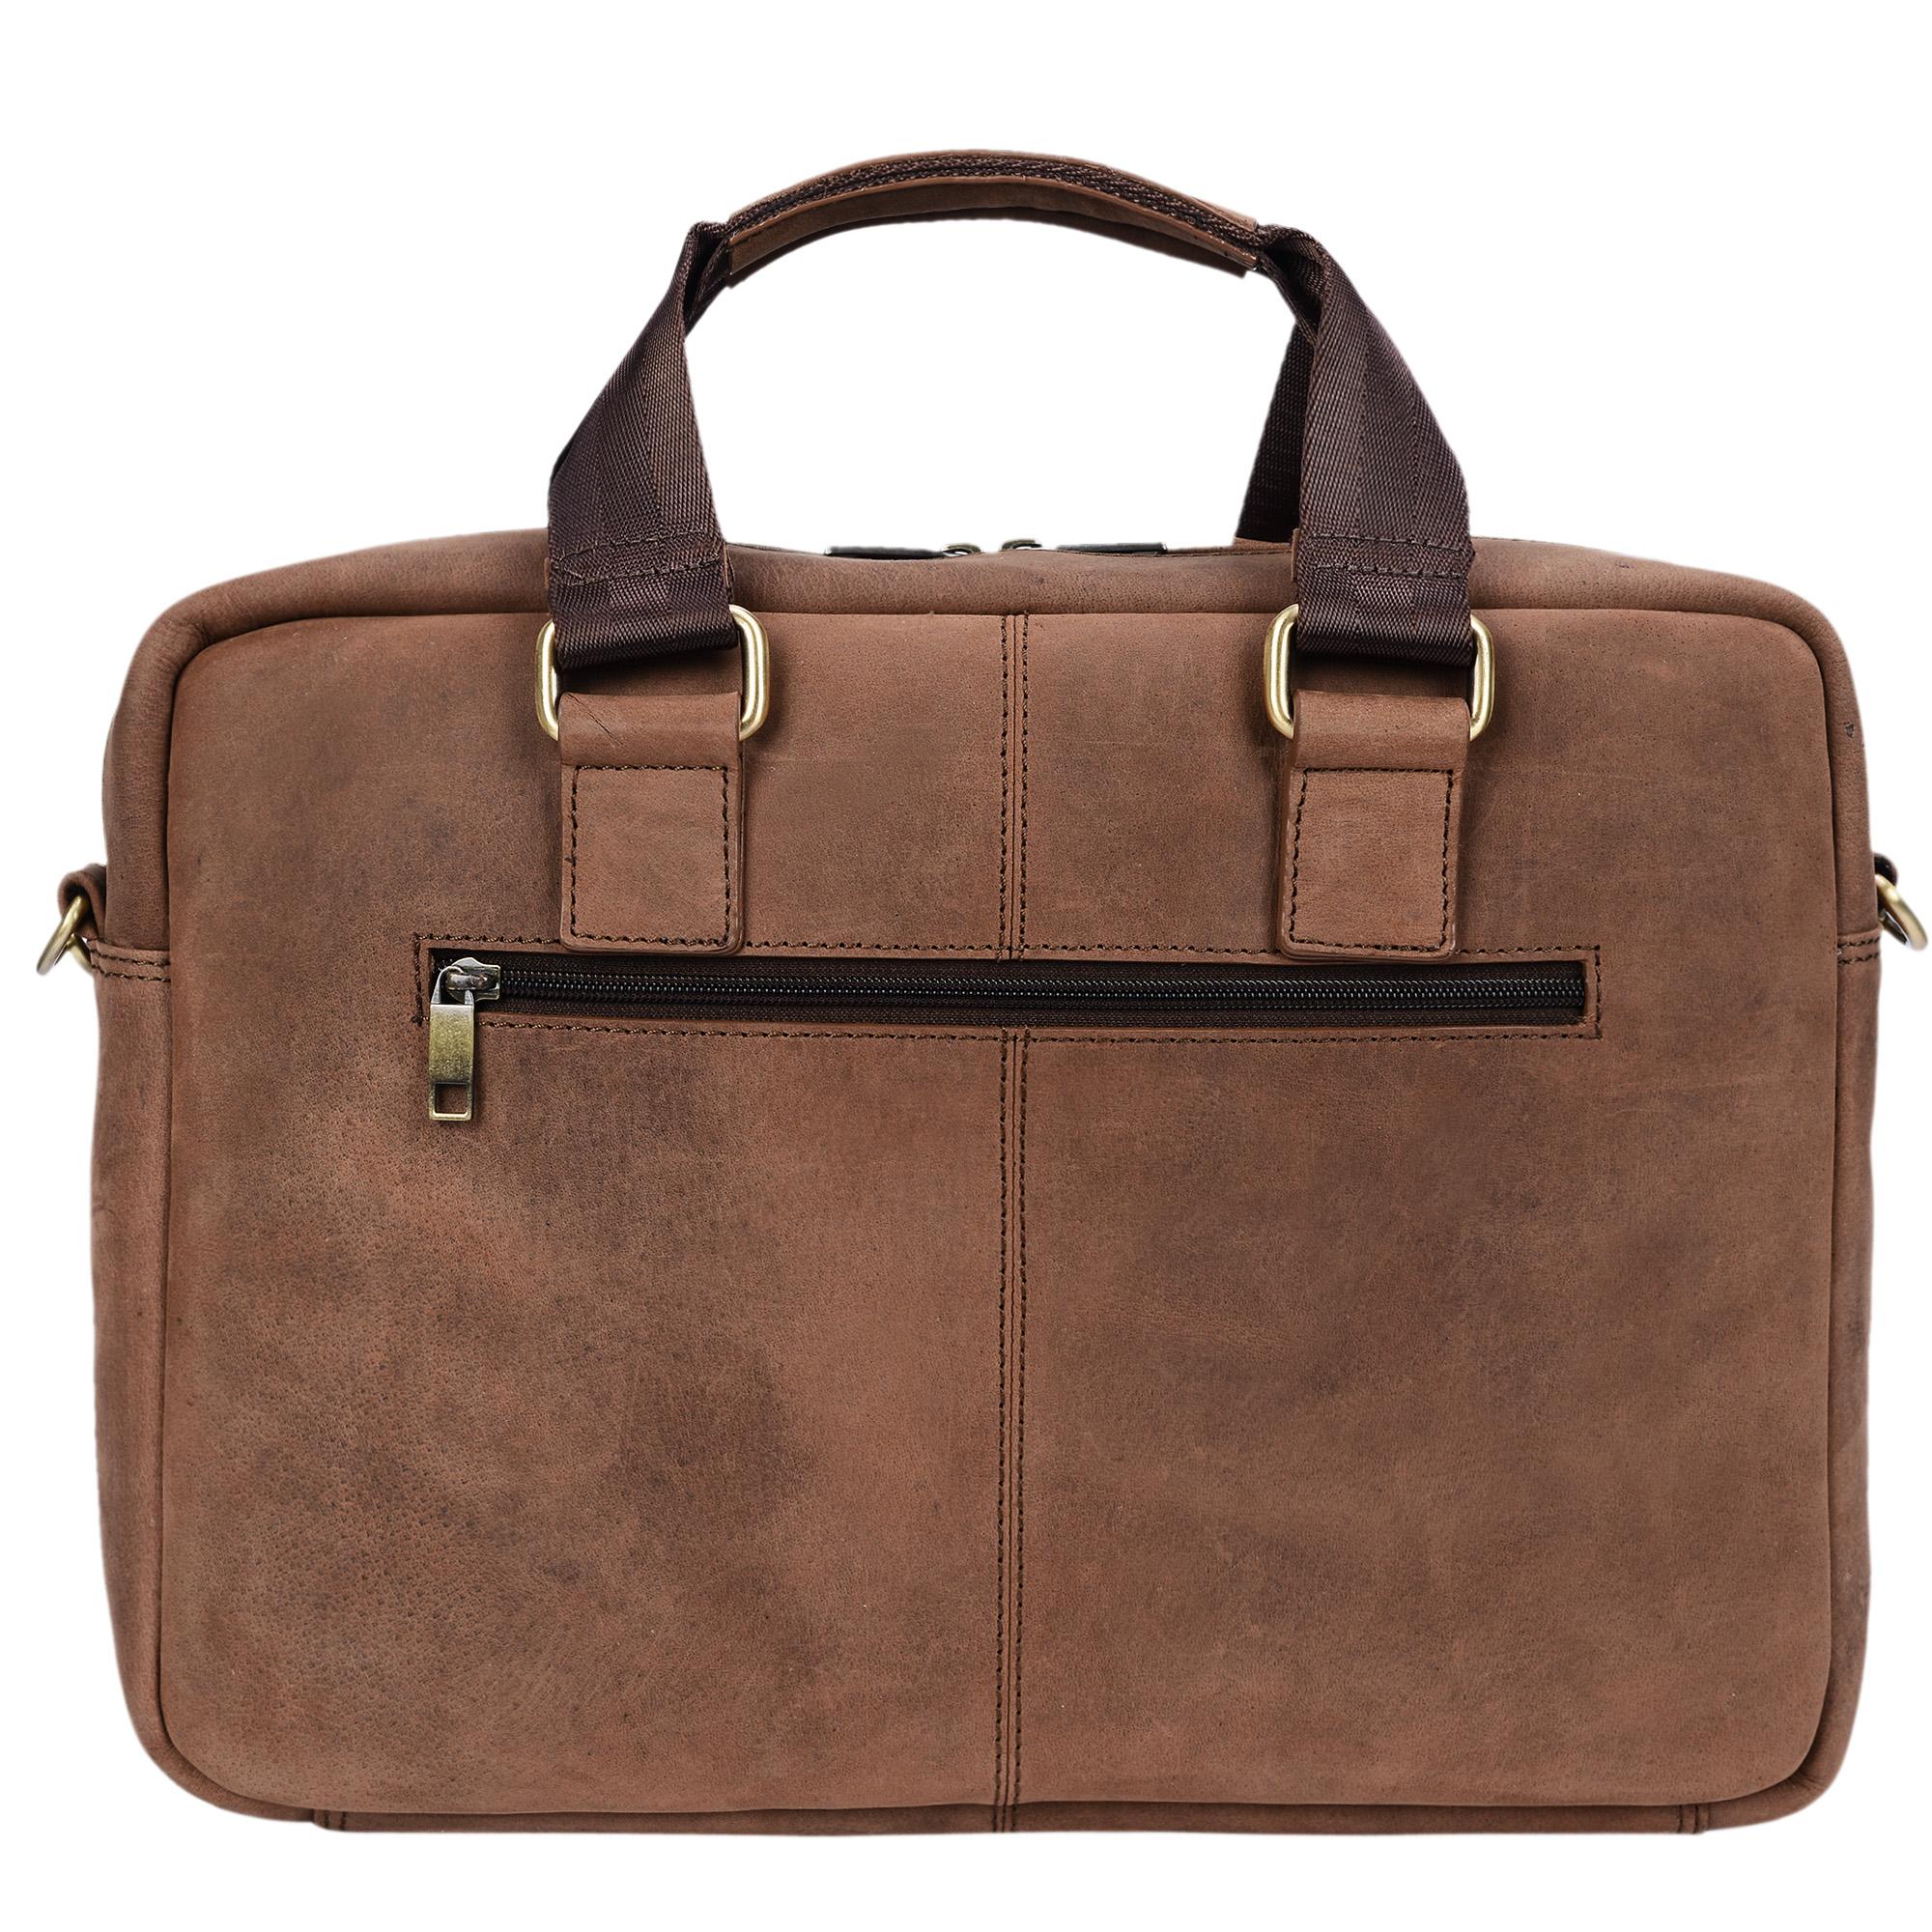 """STILORD """"Vito"""" Vintage Businesstasche Leder Herren Damen 14 Zoll Laptoptasche Umhängetasche Aktentasche Arbeitstasche Rindsleder - Bild 6"""